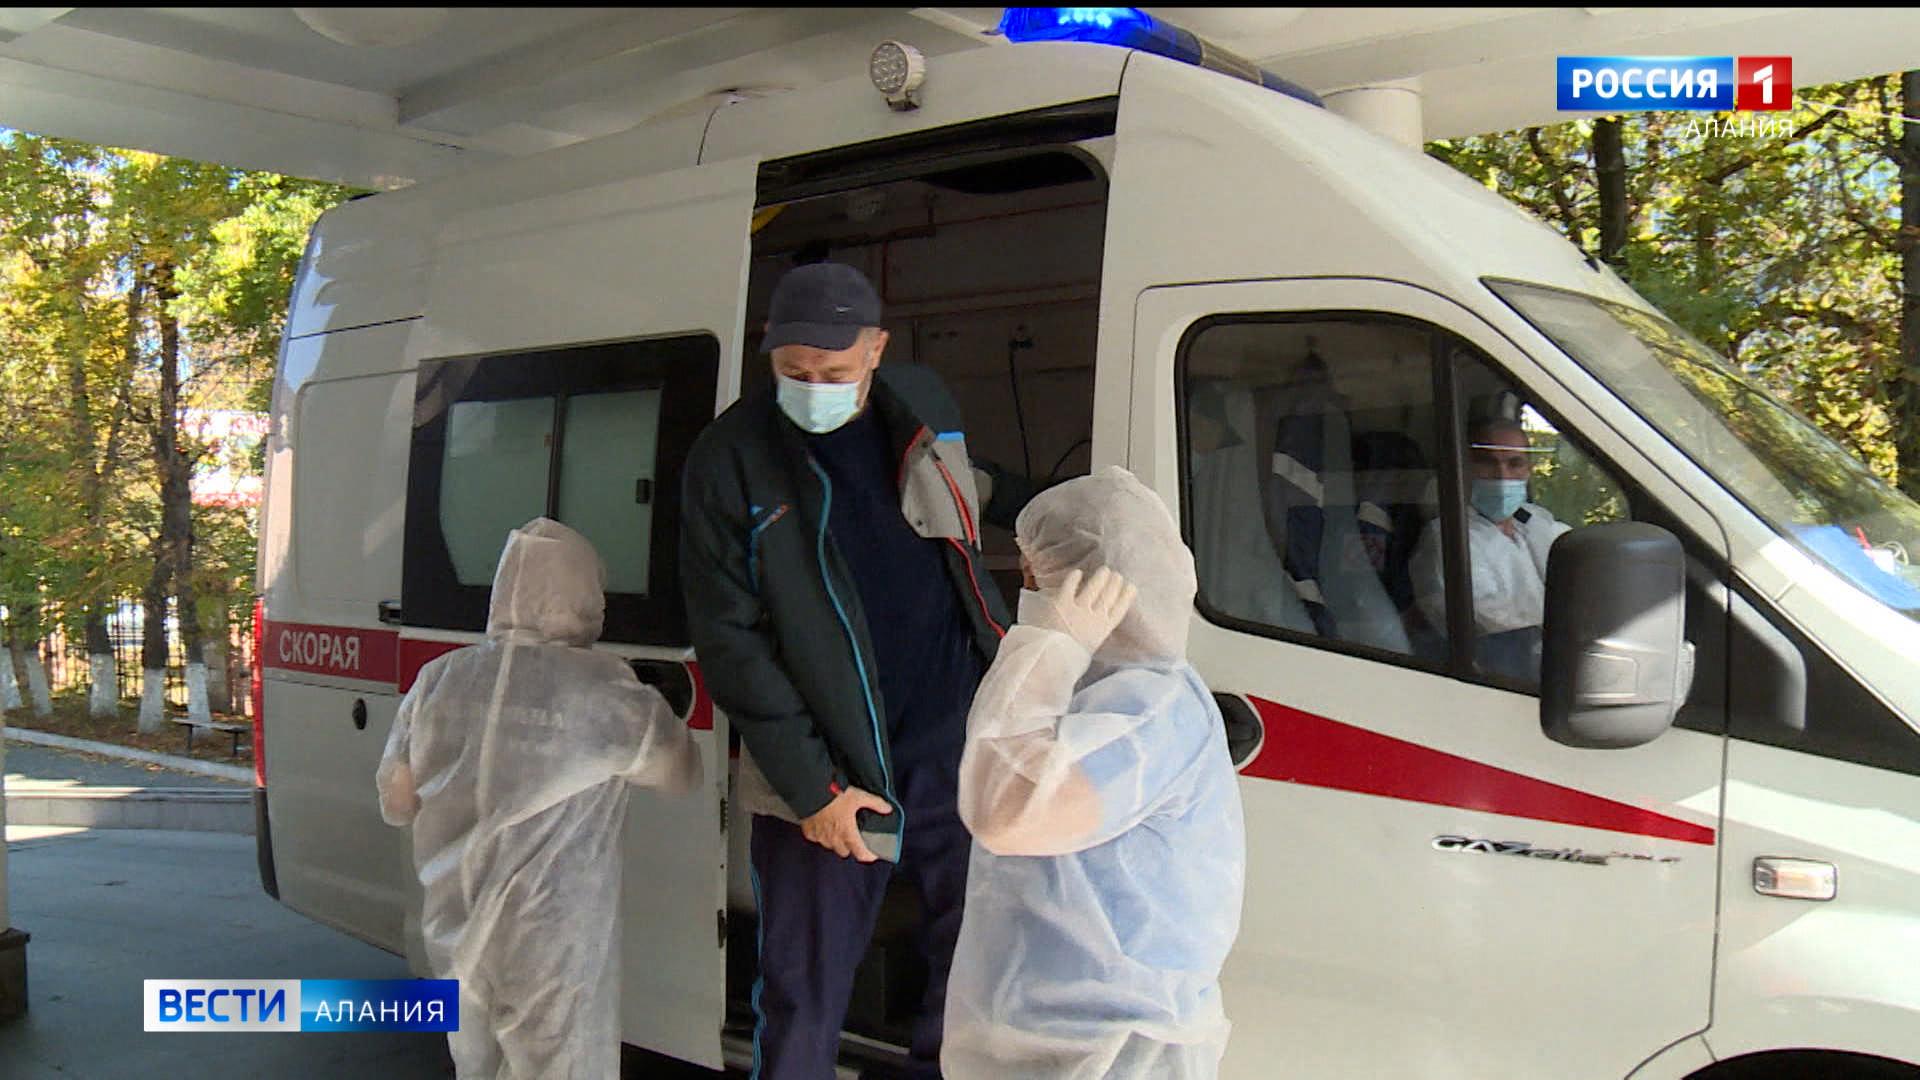 За сутки в ковид-стационары Северной Осетии госпитализировали более 140 человек, 77 — в реанимации